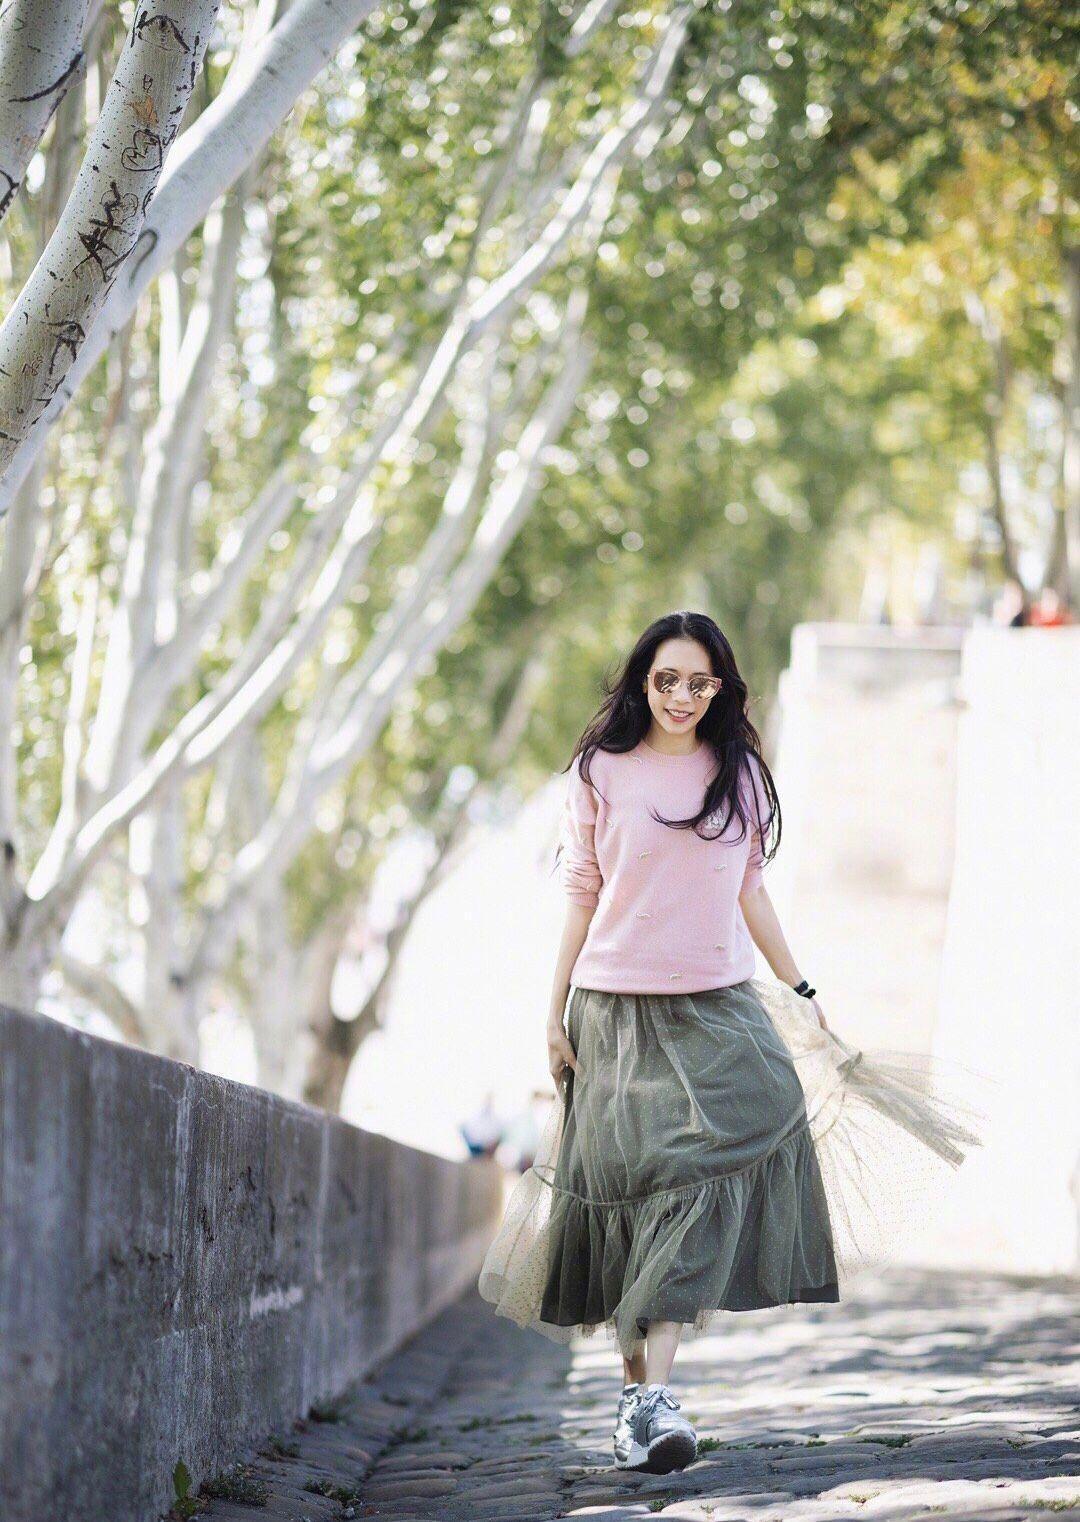 莫文蔚粉色毛衣配半身裙去旅游,街拍状态极好,49岁少女感爆棚